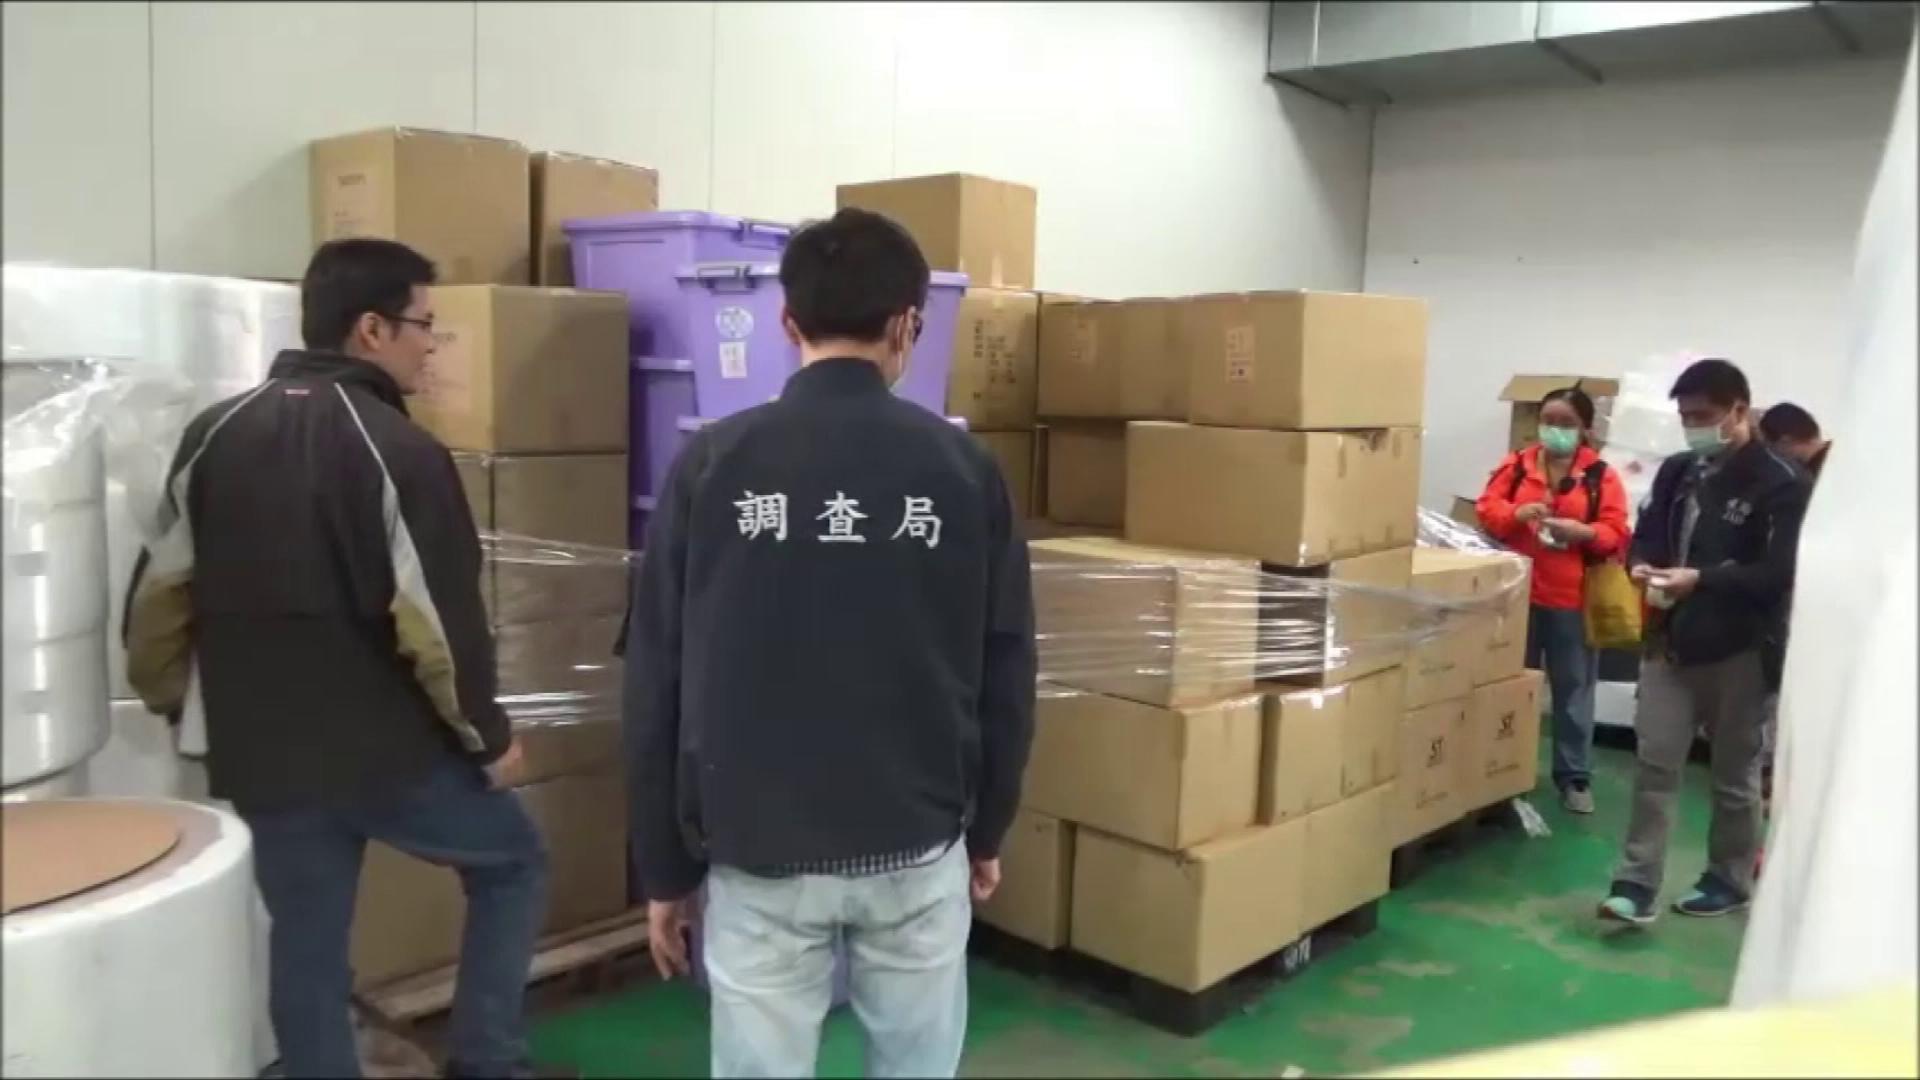 無照偷跑賣450萬片「安心口罩」! 工廠海撈2千萬遭搜索